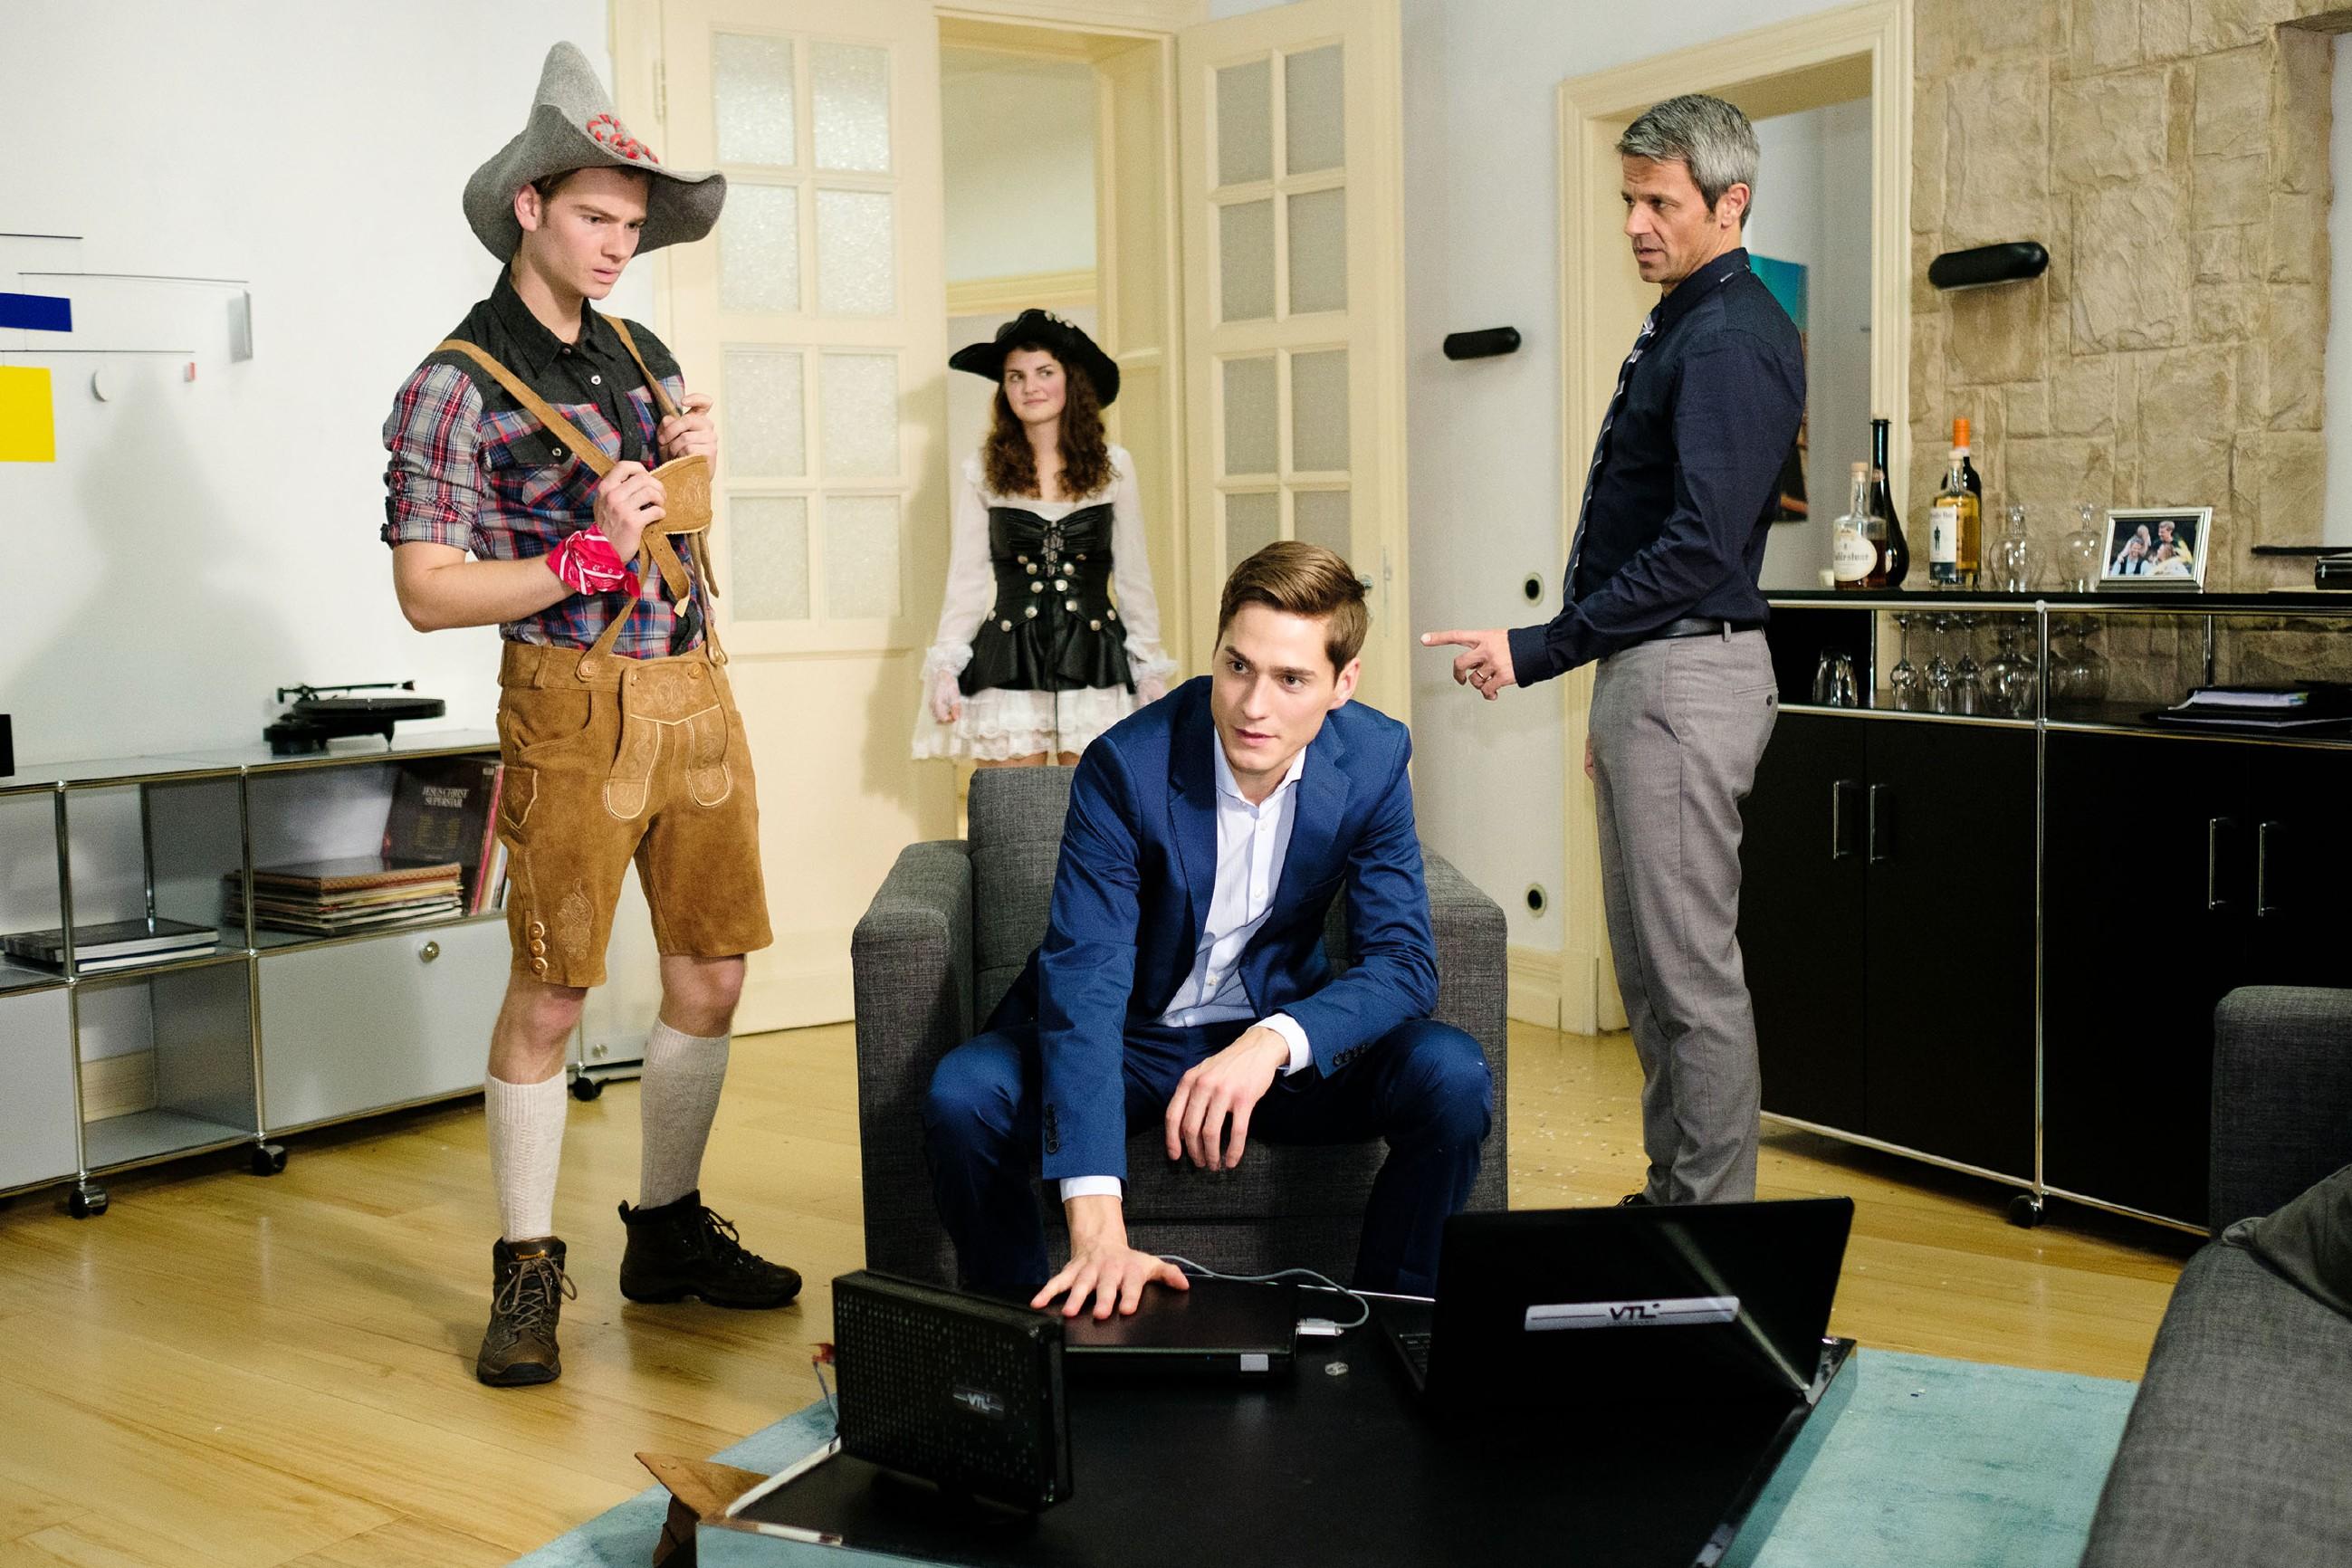 Benedikt (Jens Hajek, r.) und Ringo (Timothy Boldt, 2.v.r.) werden von Valentin (Aaron Koszuta, l.) beinahe beim Unterschlagen des Charity-Geldes erwischt. (Quelle: RTL / Stefan Behrens)